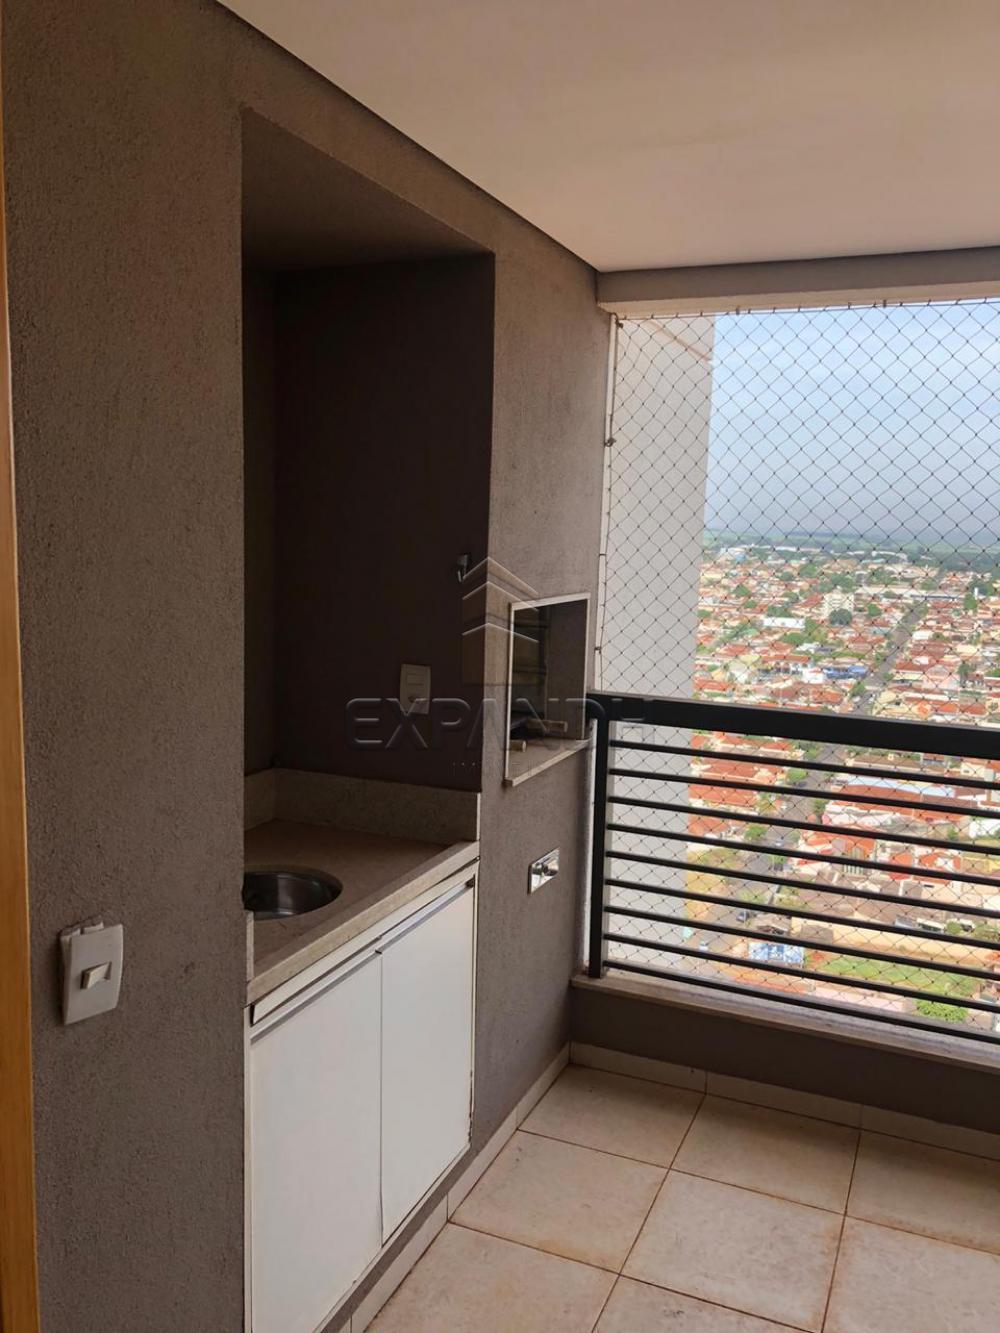 Alugar Apartamentos / Padrão em Sertãozinho apenas R$ 1.650,00 - Foto 30